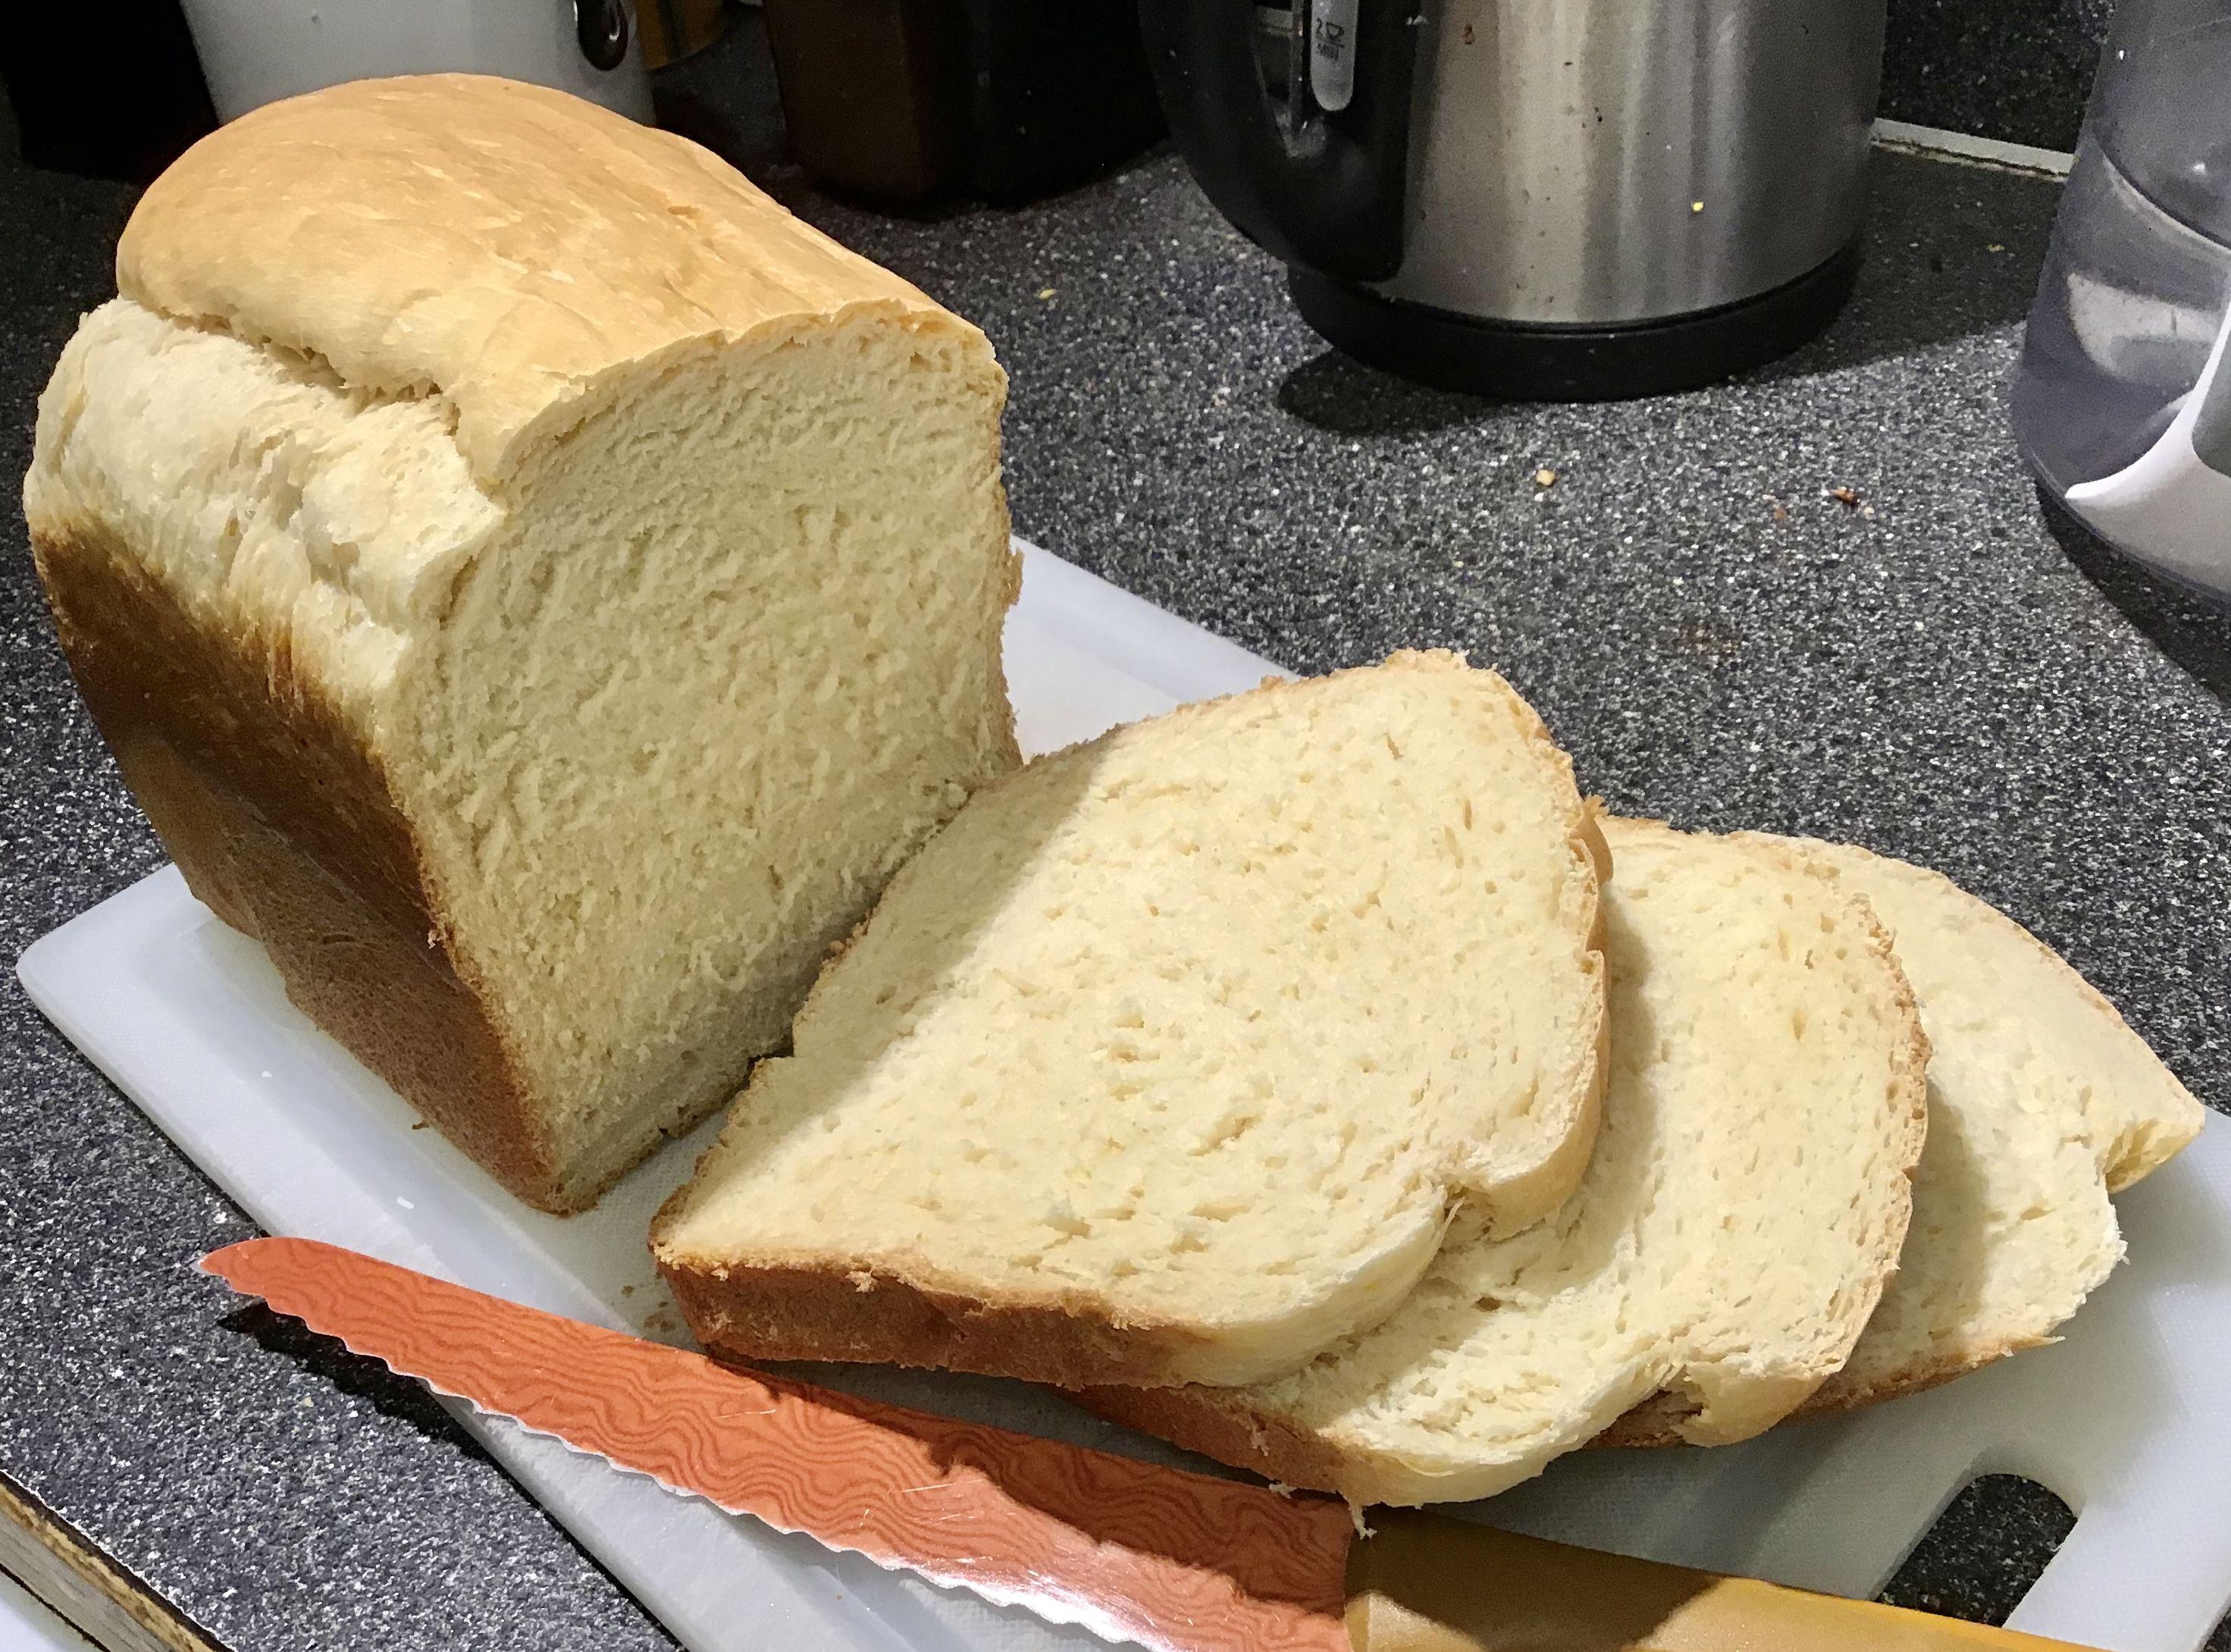 Buttermilk Bread For Zojirushi Bread Machine Recipe In 2020 Bread Machine Recipes Zojirushi Bread Machine Buttermilk Bread Machine Recipe